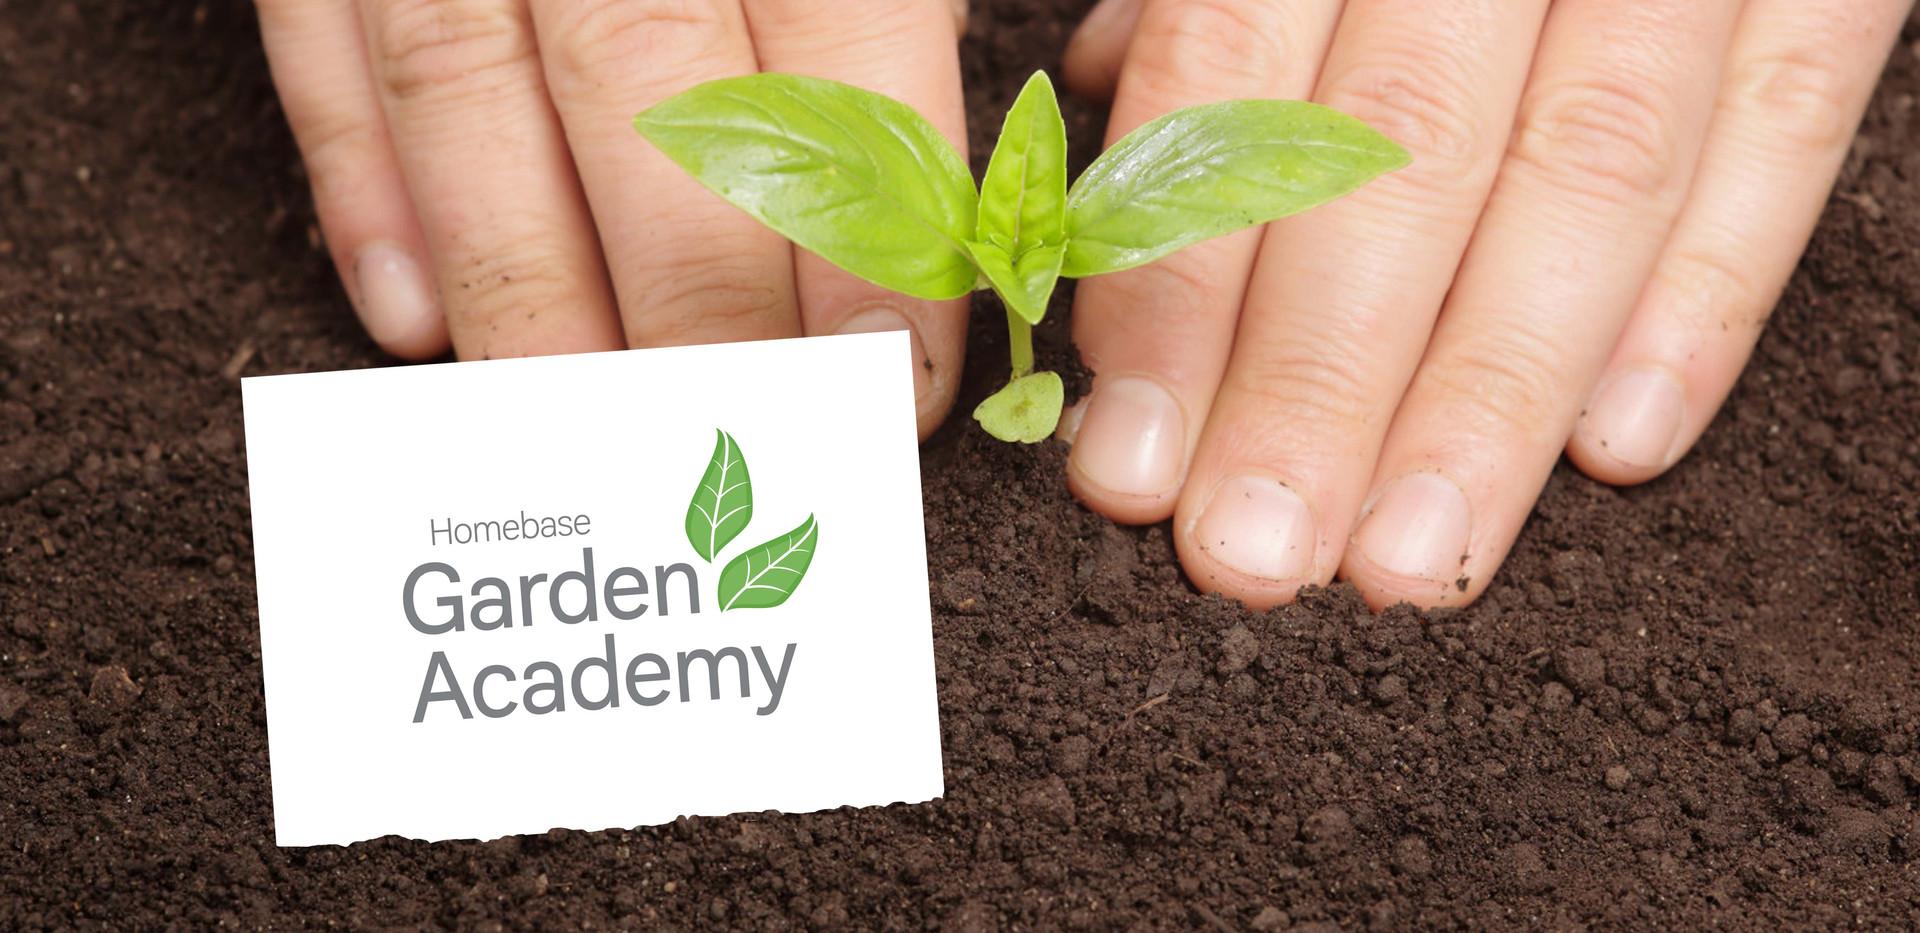 Homebase Garden Academy